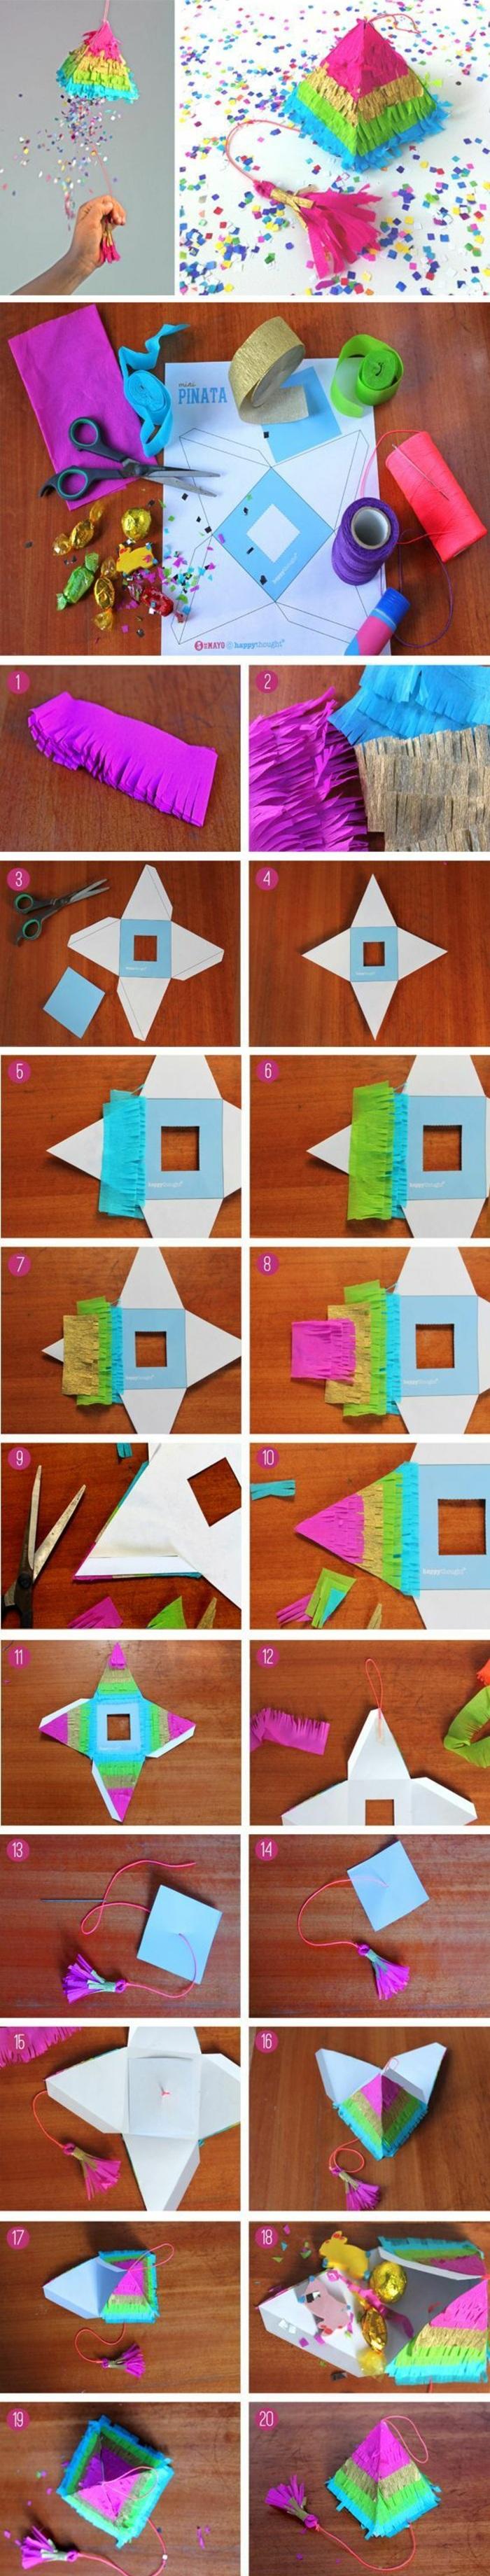 kleine pyramide aus karton selber machen, buntes papier, schere